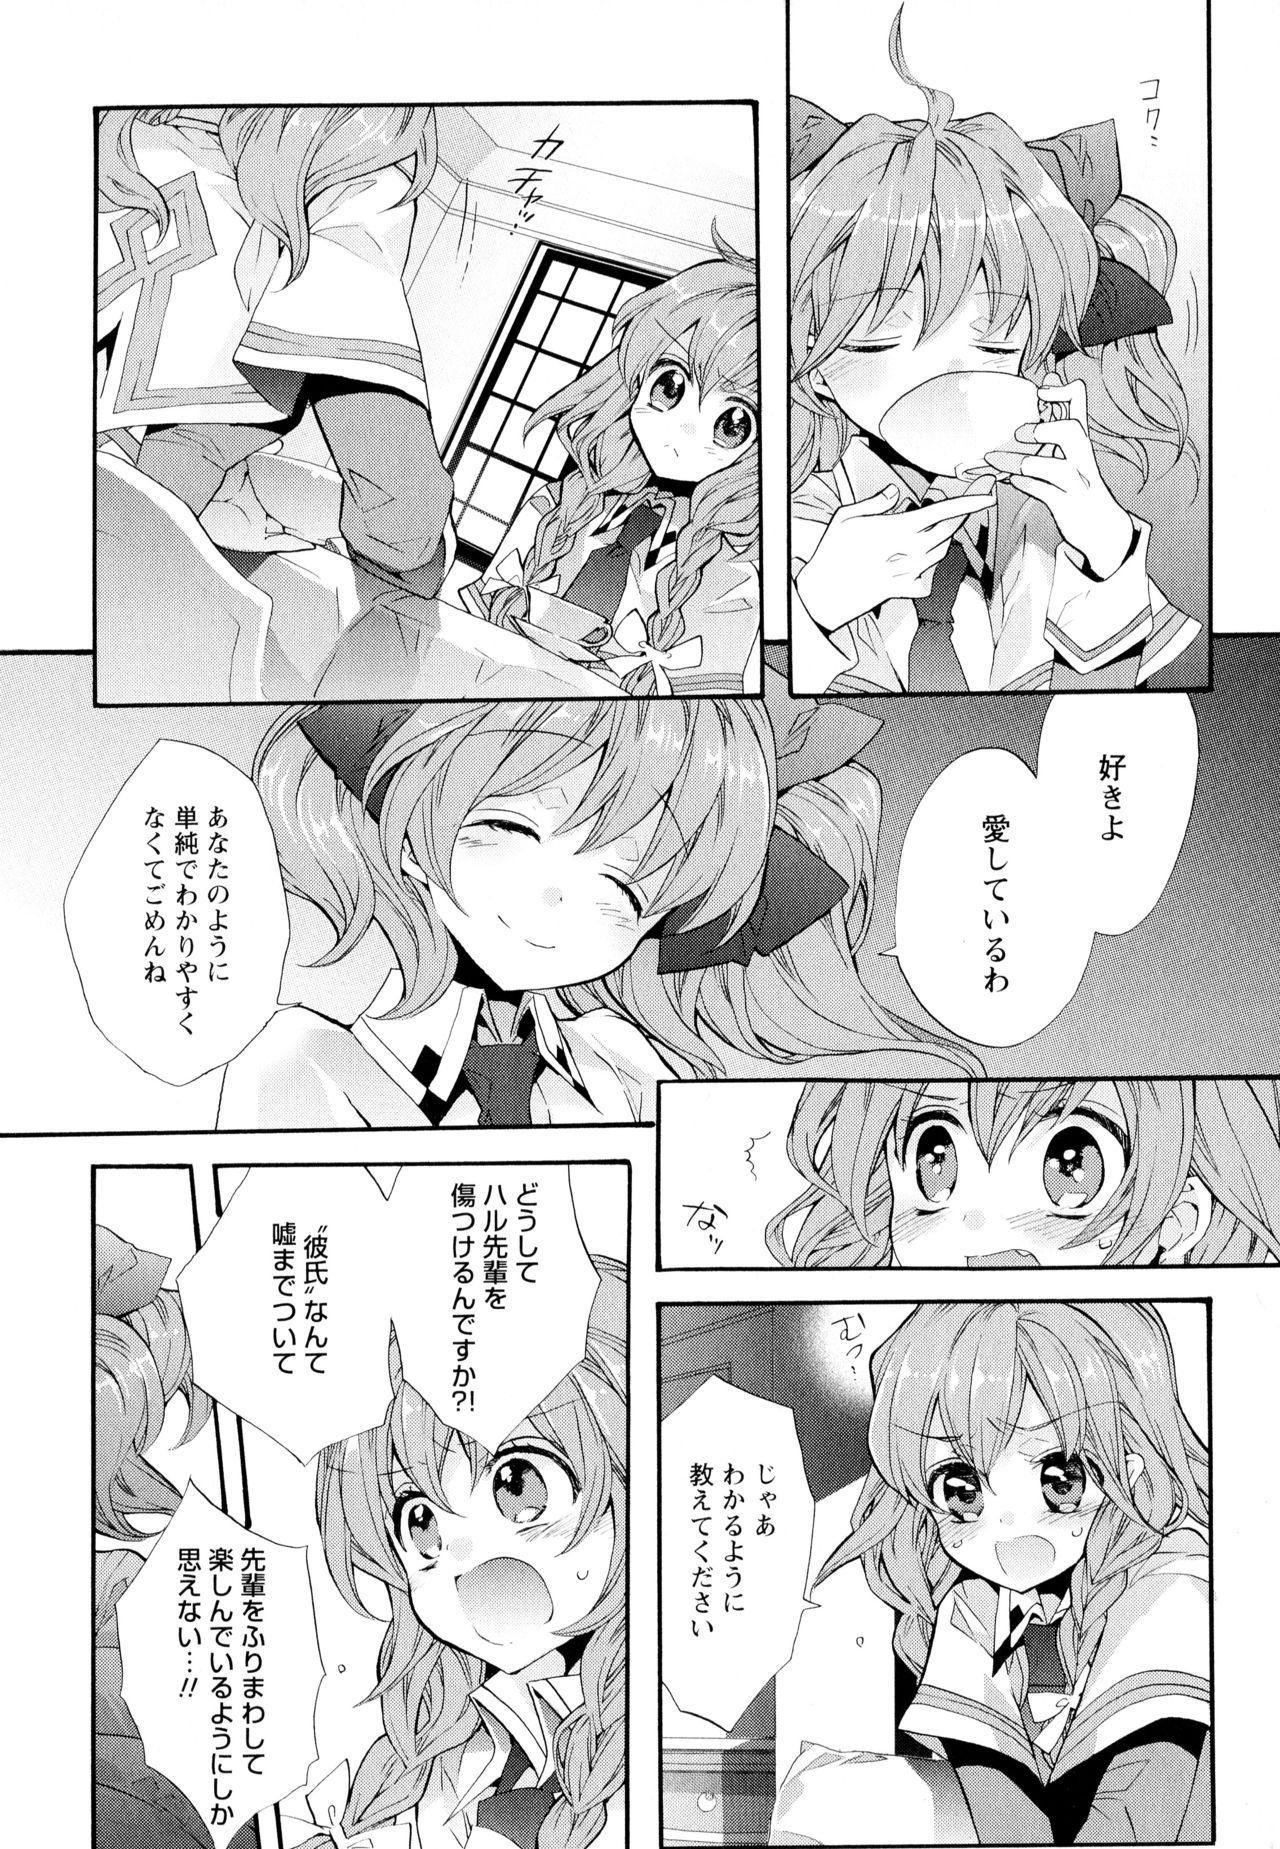 Aya Yuri Vol. 5 37